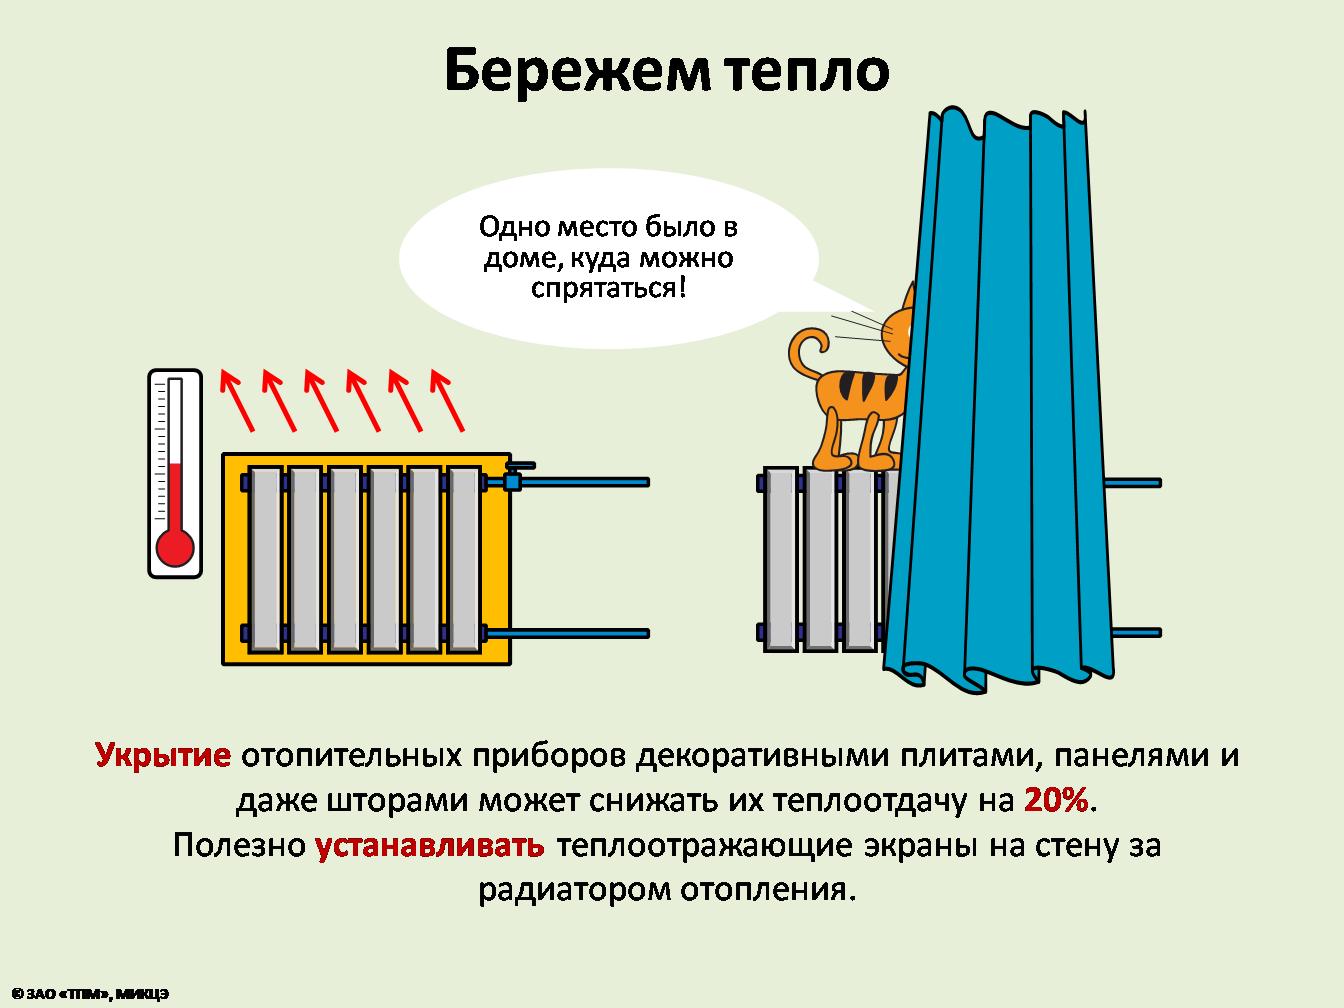 Особенности теплоотражающей пленки для окон: плюсы и правила применения